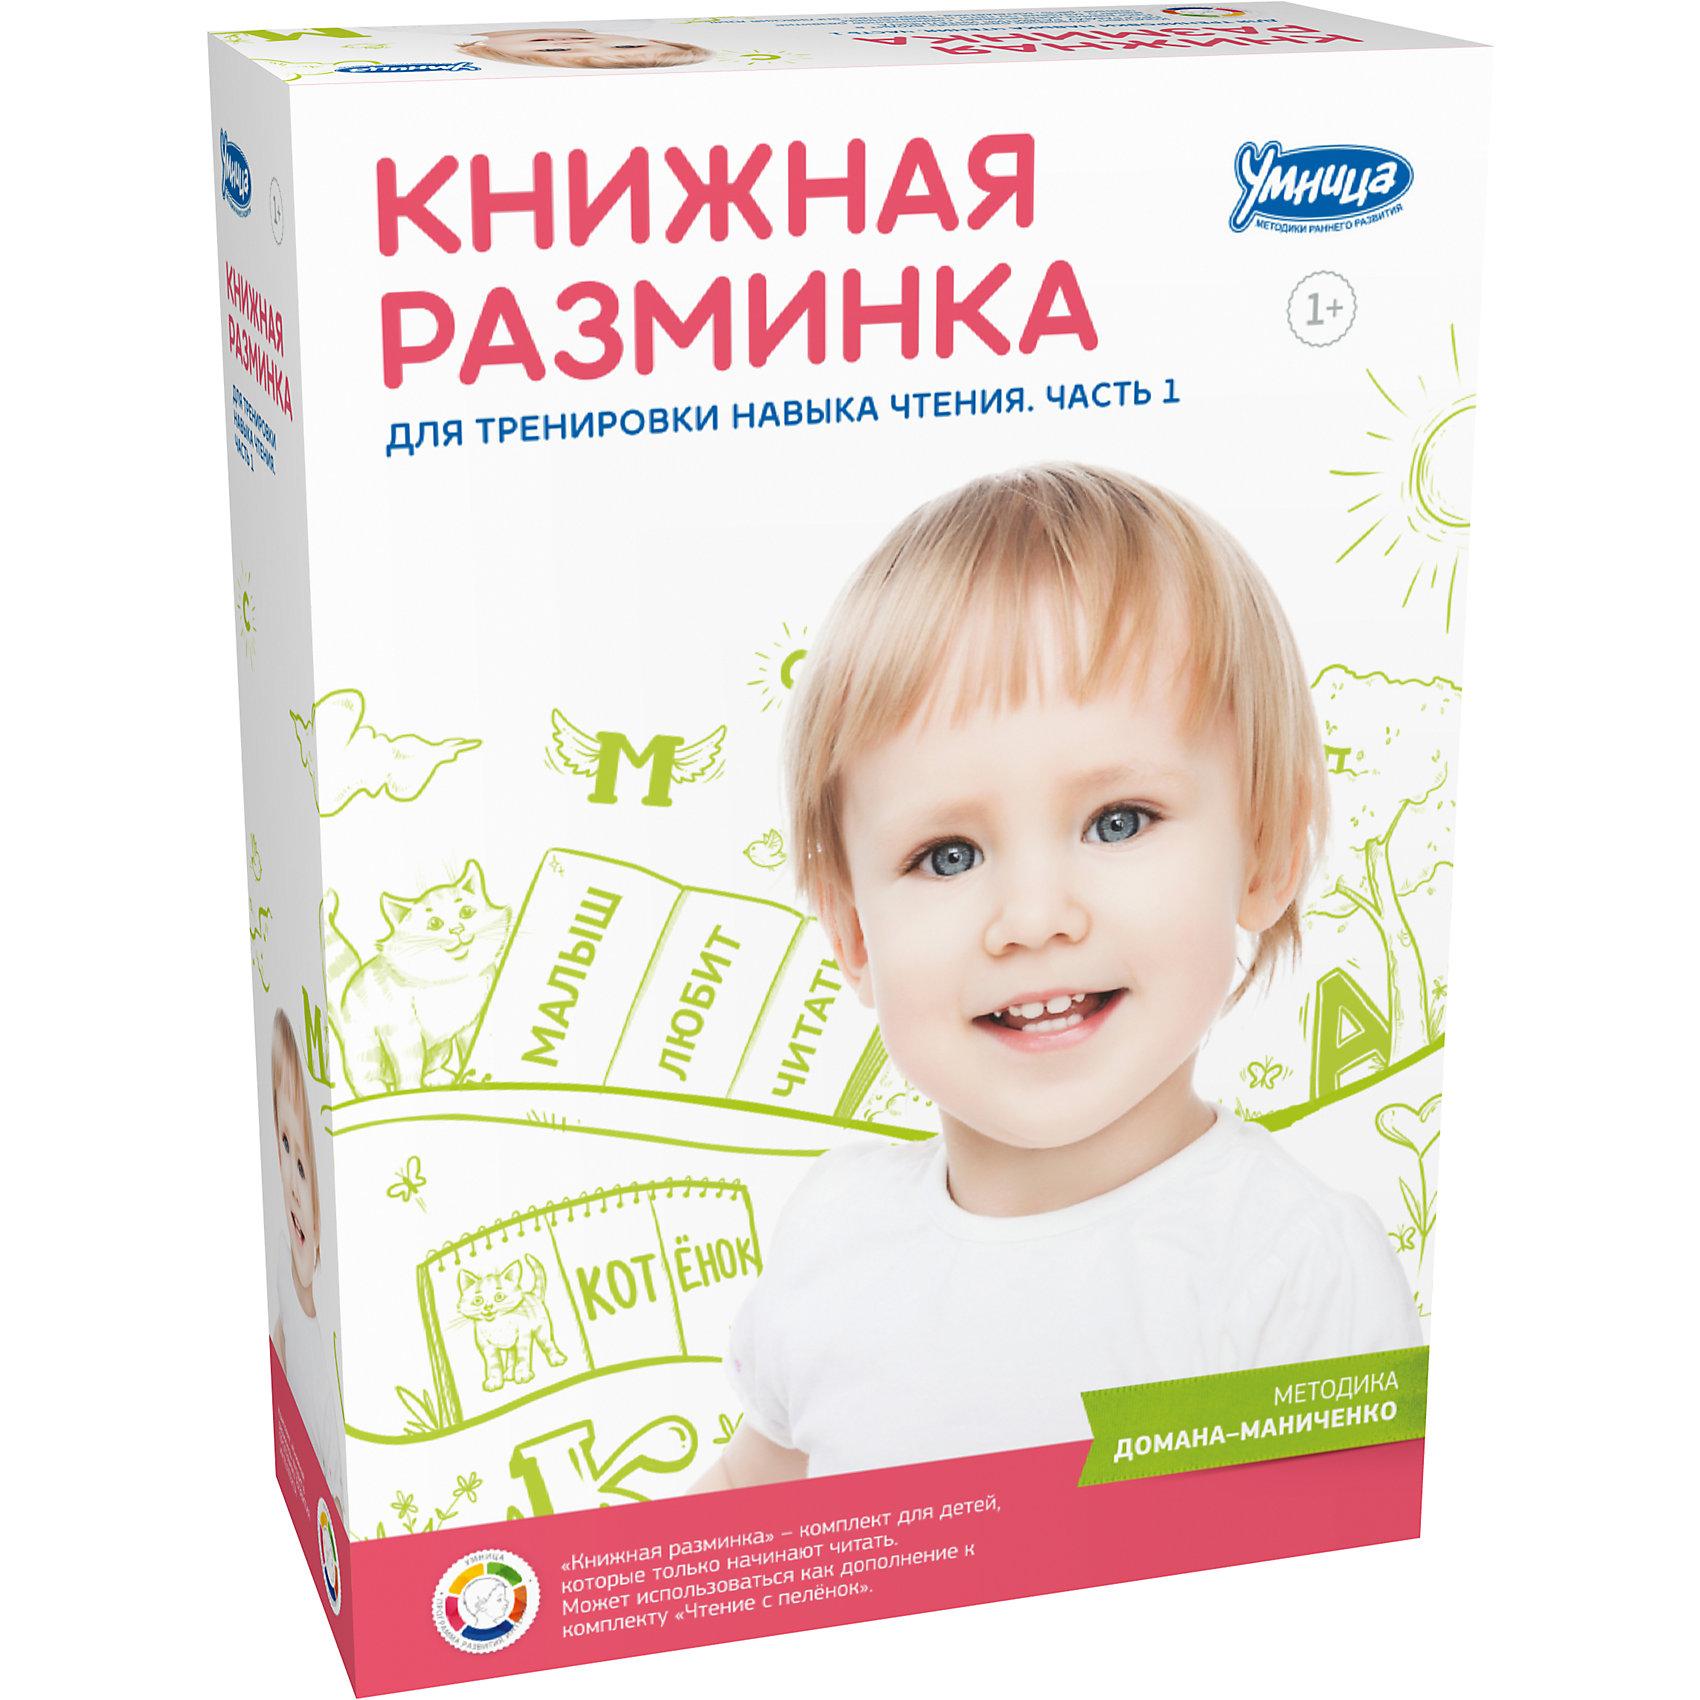 Книжная разминка, Часть 1Методики раннего развития<br>Характеристики:<br><br>• Вид игр: обучающие, развивающие<br>• Серия: Книжная разминка<br>• Материал: картон, бумага<br>• Комплектация: 2 комплекта книг с текстами и заданиями<br>• Тип упаковки: картонная коробка<br>• Размеры упаковки (Д*Ш*В): 24*32*85 см<br>• Вес в упаковке: 3 кг 100 г<br><br>Серия книг Книжная разминка, Часть 1 состоит из 2-х комплектов книжек: книги-вертушки и книги-игрушки.  Каждая книга сопровождается ярким иллюстративным материалом и текстами. Текстовая часть приведена в сжатой форме и адаптирована для детей дошкольного возраста. При этом тексты составляются ребенком из слов-страничек. <br><br>Серию книг Книжная разминка, Часть 1 можно купить в нашем интернет-магазине.<br><br>Ширина мм: 240<br>Глубина мм: 320<br>Высота мм: 850<br>Вес г: 3100<br>Возраст от месяцев: 36<br>Возраст до месяцев: 2147483647<br>Пол: Унисекс<br>Возраст: Детский<br>SKU: 5523183